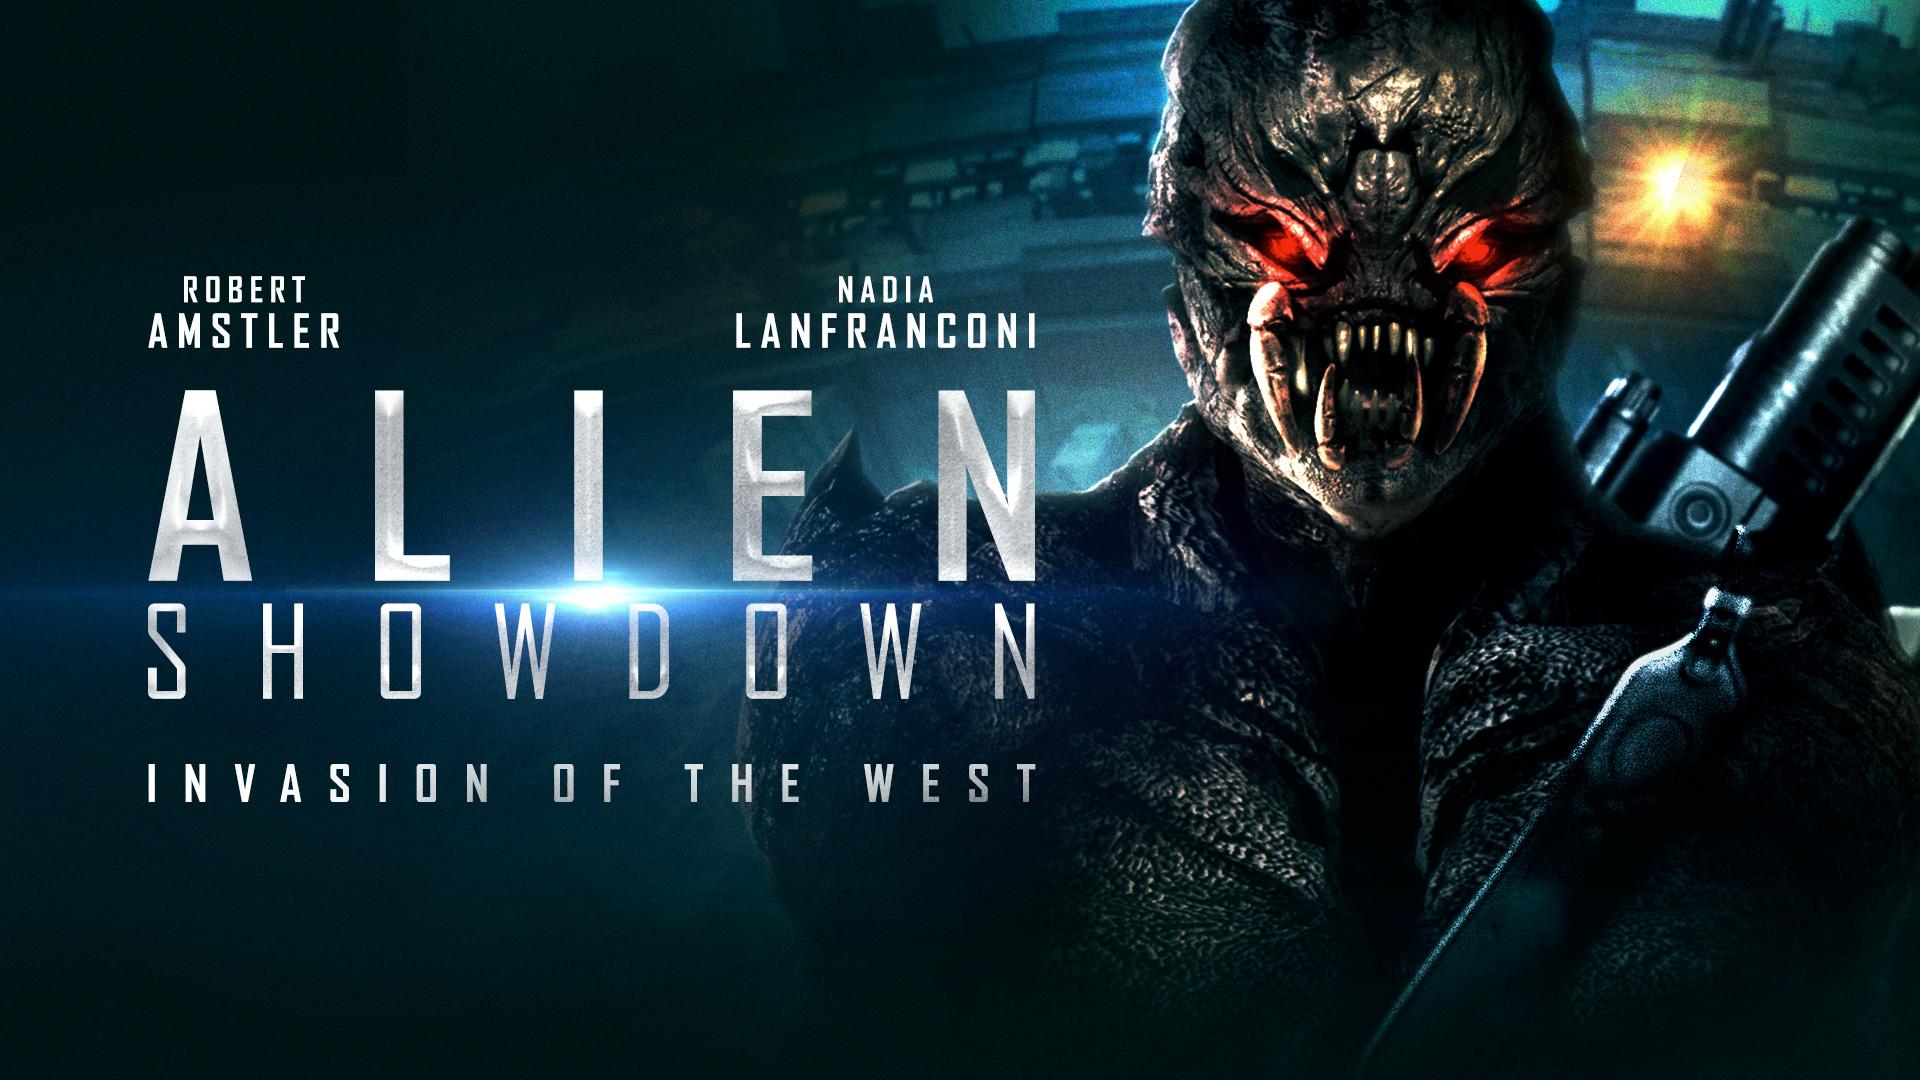 Alien Showdown